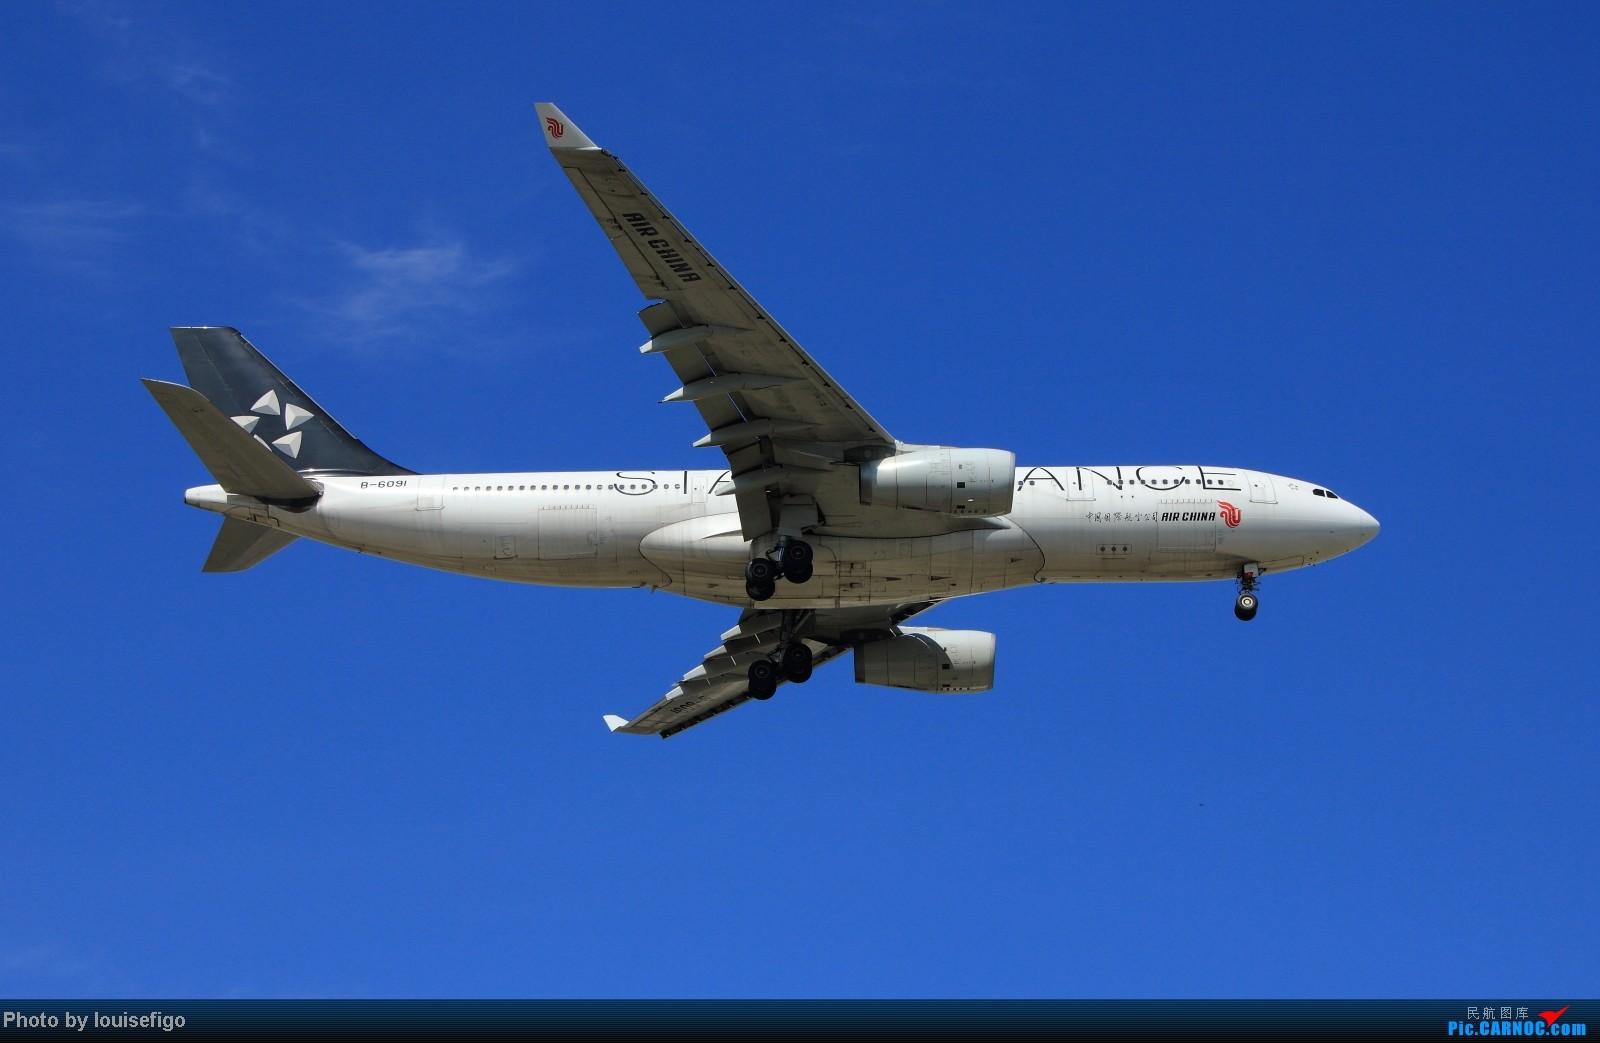 Re:[原创]星空联盟7-23北京代表大会,与会代表来自中美韩埃!~~可惜老天爷貌似对某些代表有情绪! AIRBUS A330-200 B-6091 北京首都国际机场